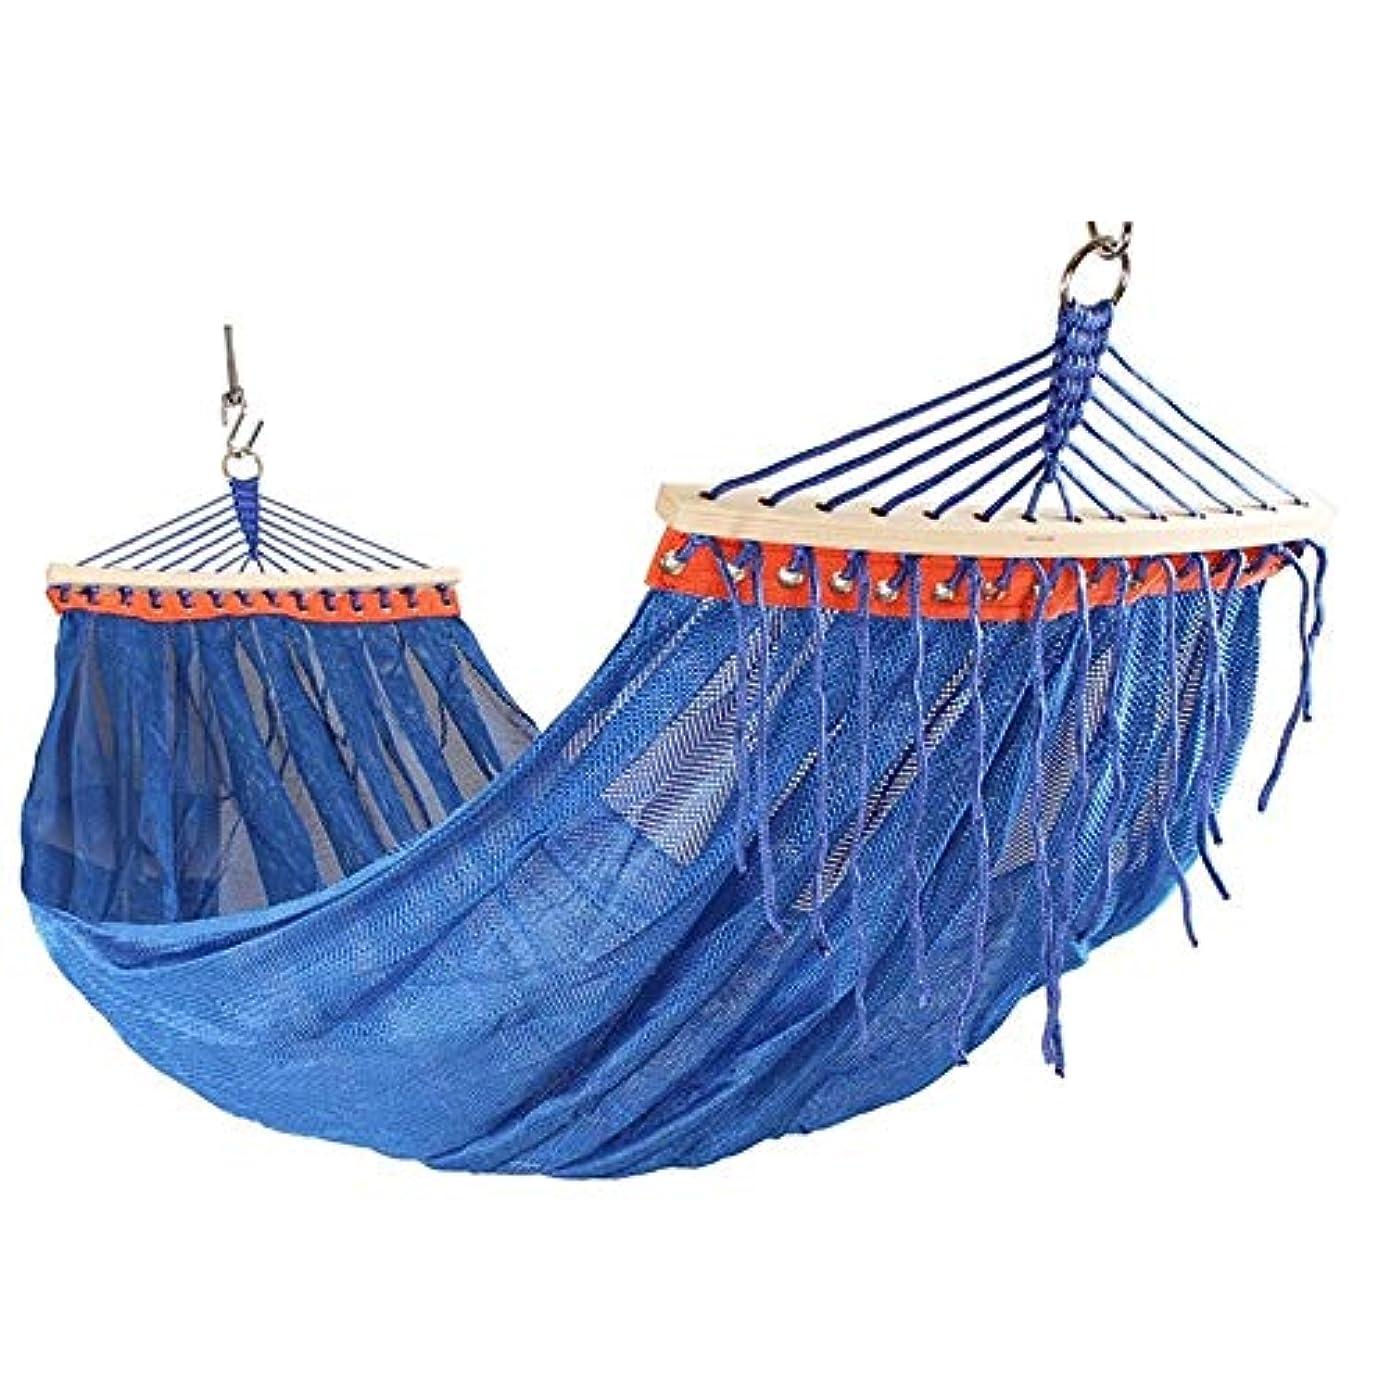 を通してふりをする宇宙メッシュハンモック屋外スイングシングルダブル屋内椅子夏の寮の寮の寝ている大人の子供たちのハンモック (Color : Blue)